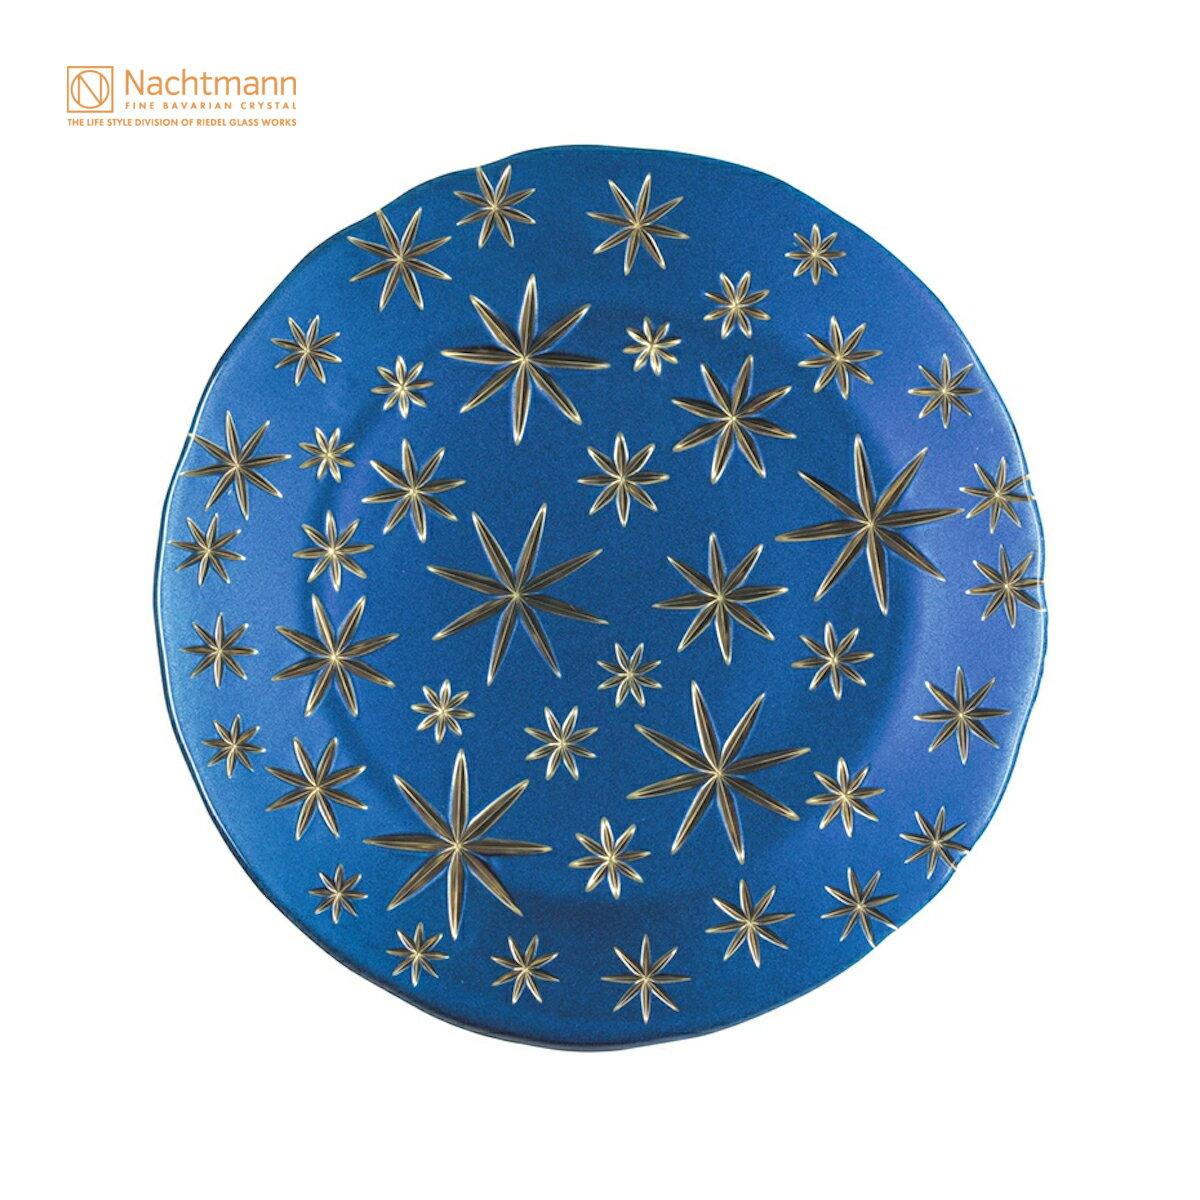 【ナハトマン公式】<ゴールデン スターズ> チャージャープレート ブルー/ゴールド(1枚入)99657【ラッピング不可】Nachtmann